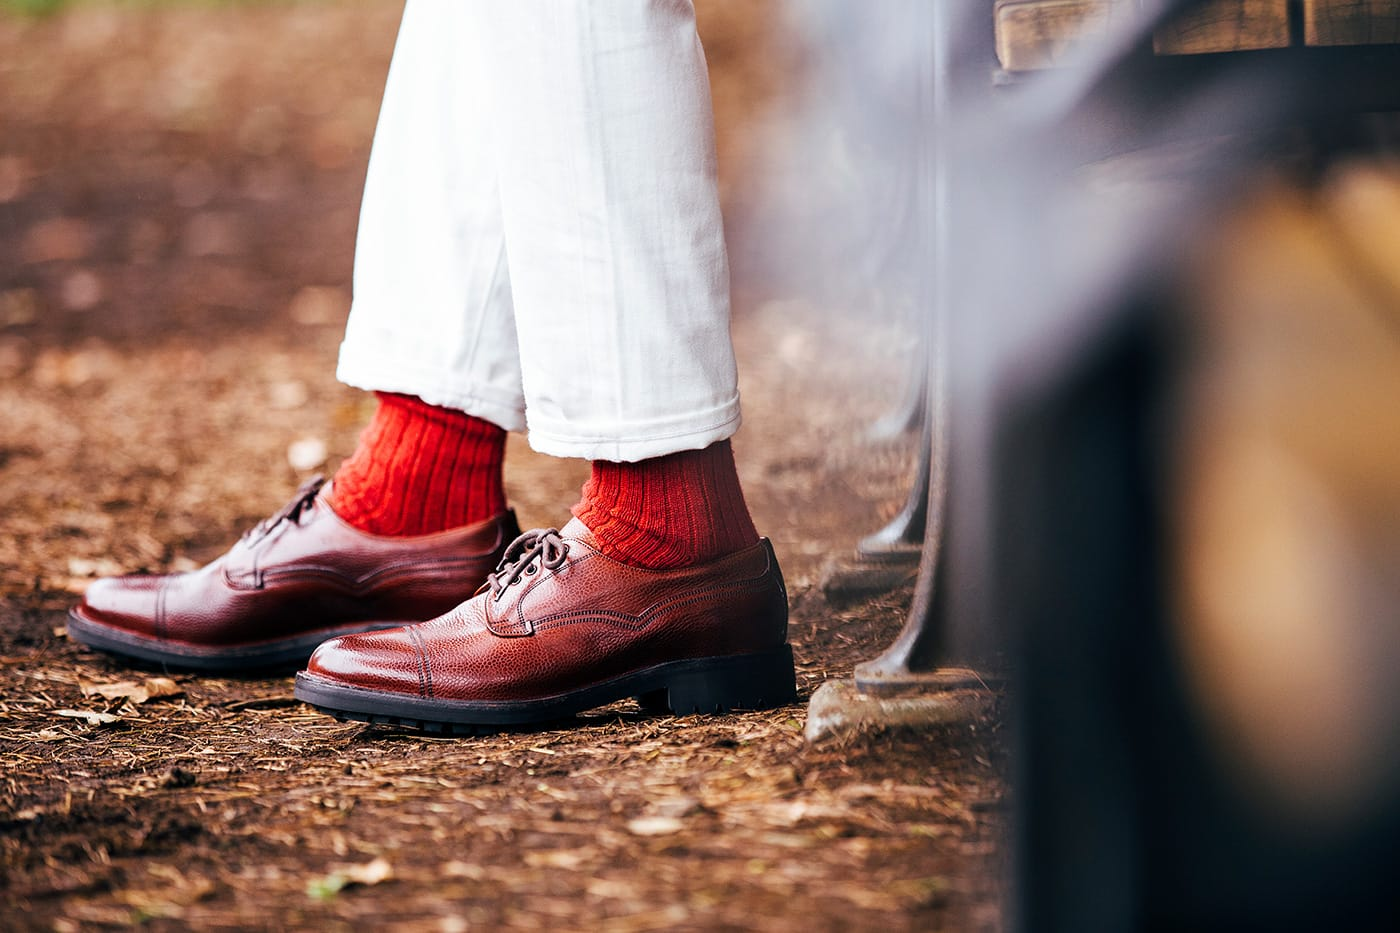 私なりの英国靴への想い 後編|ファッションジャーナリスト 矢部 克已